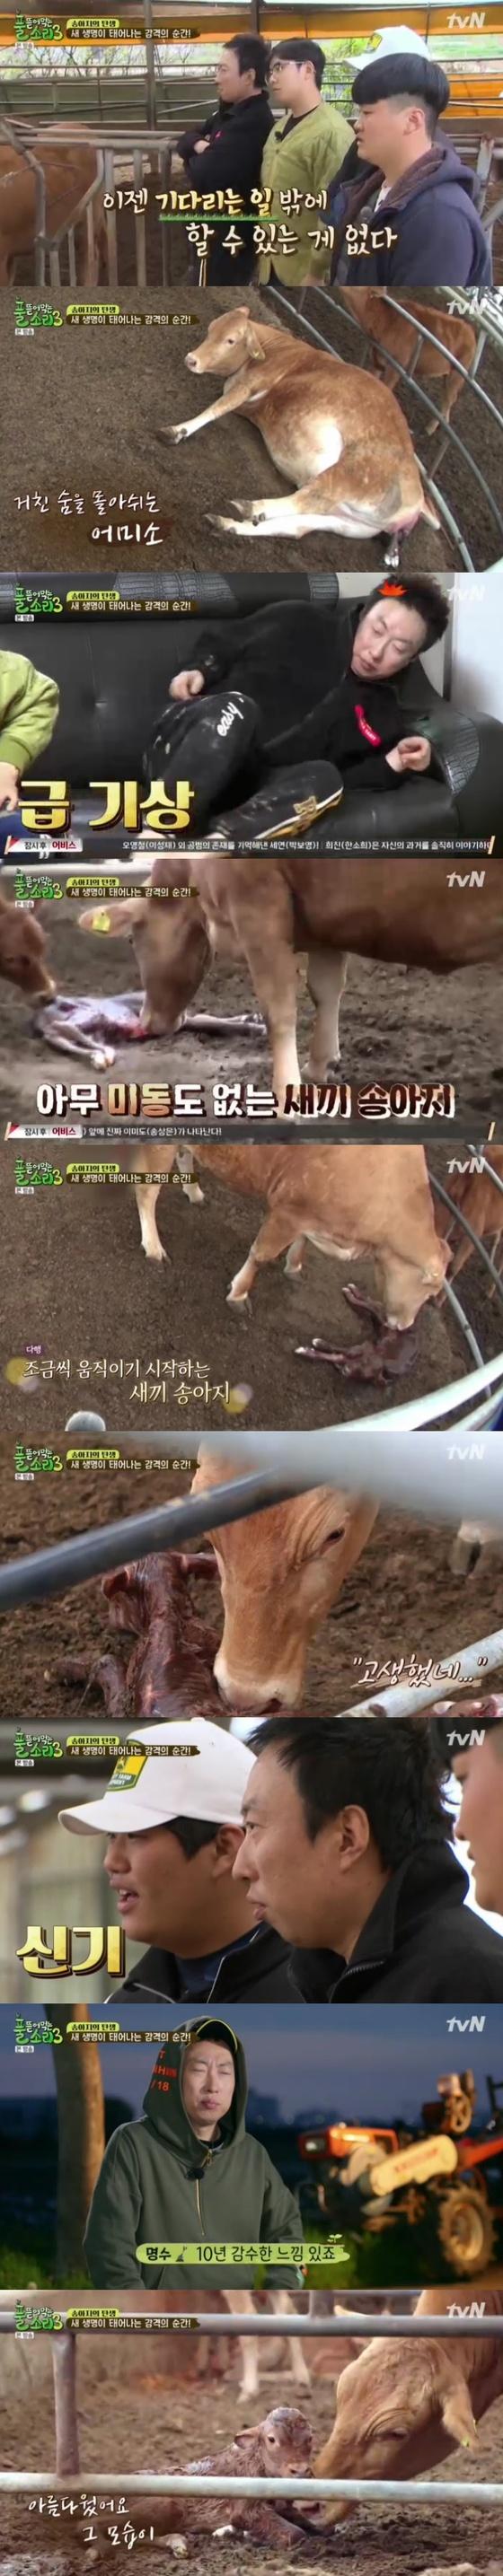 """'풀뜯소3' 송아지 탄생이 준 감동..박명수 """"아름다운 모습""""(종합)"""